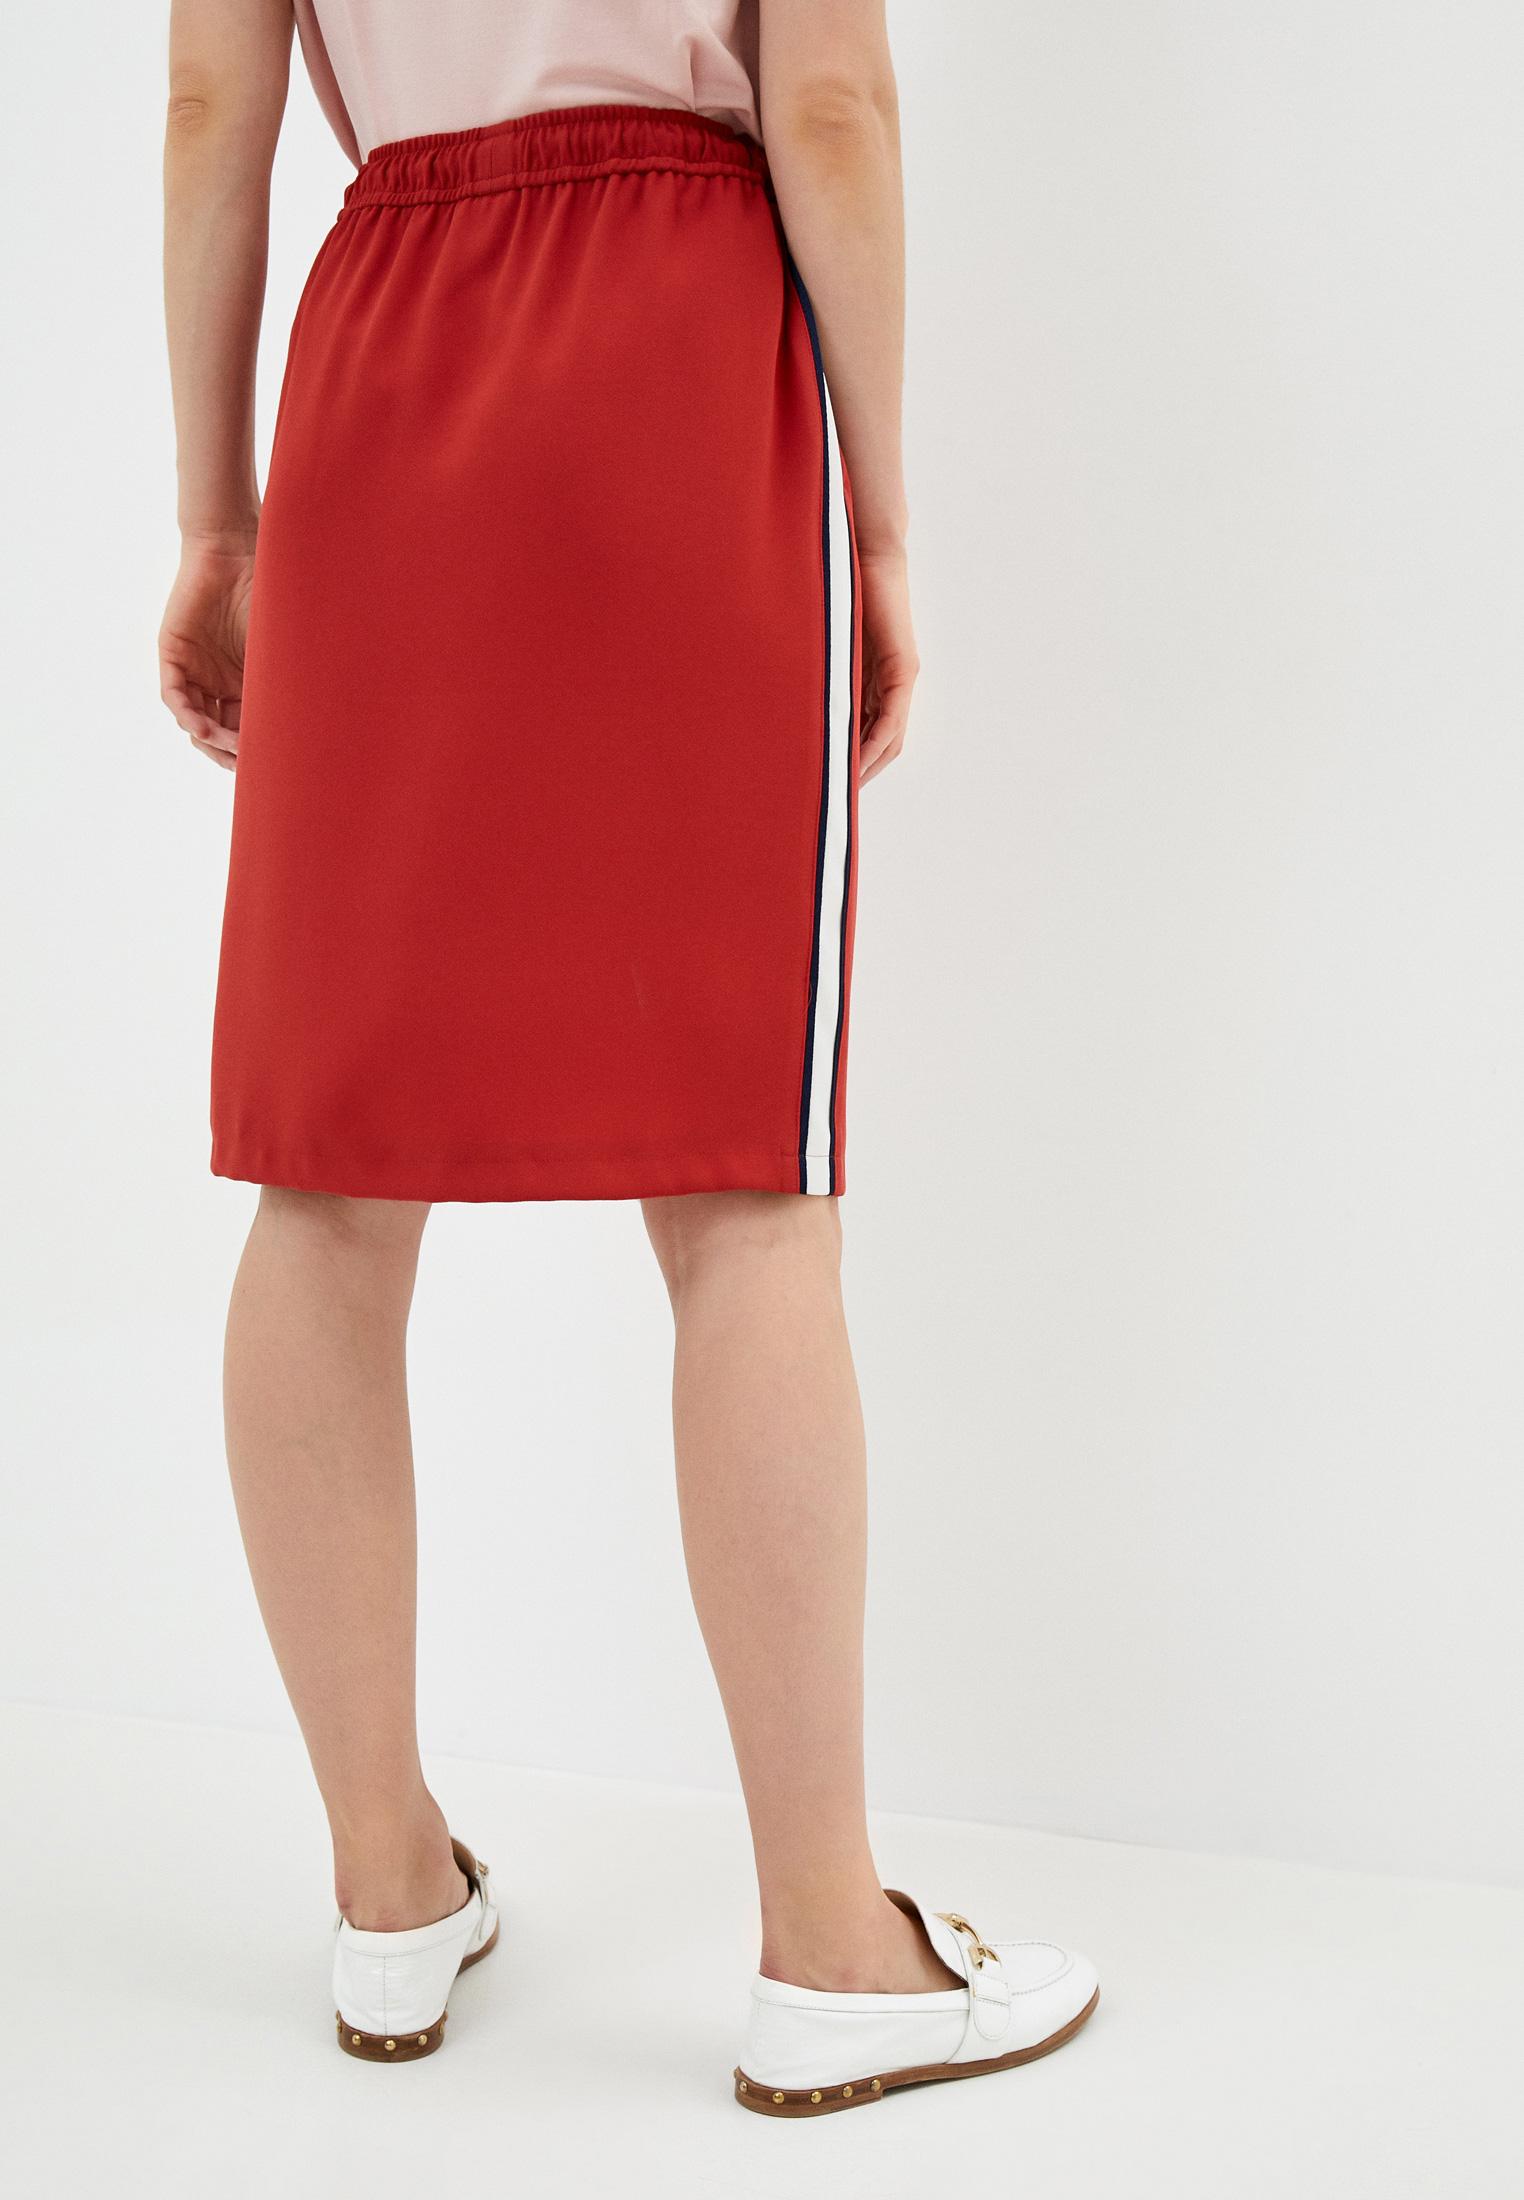 Прямая юбка Gerry Weber (Гарри Вебер) 210002-31242: изображение 3